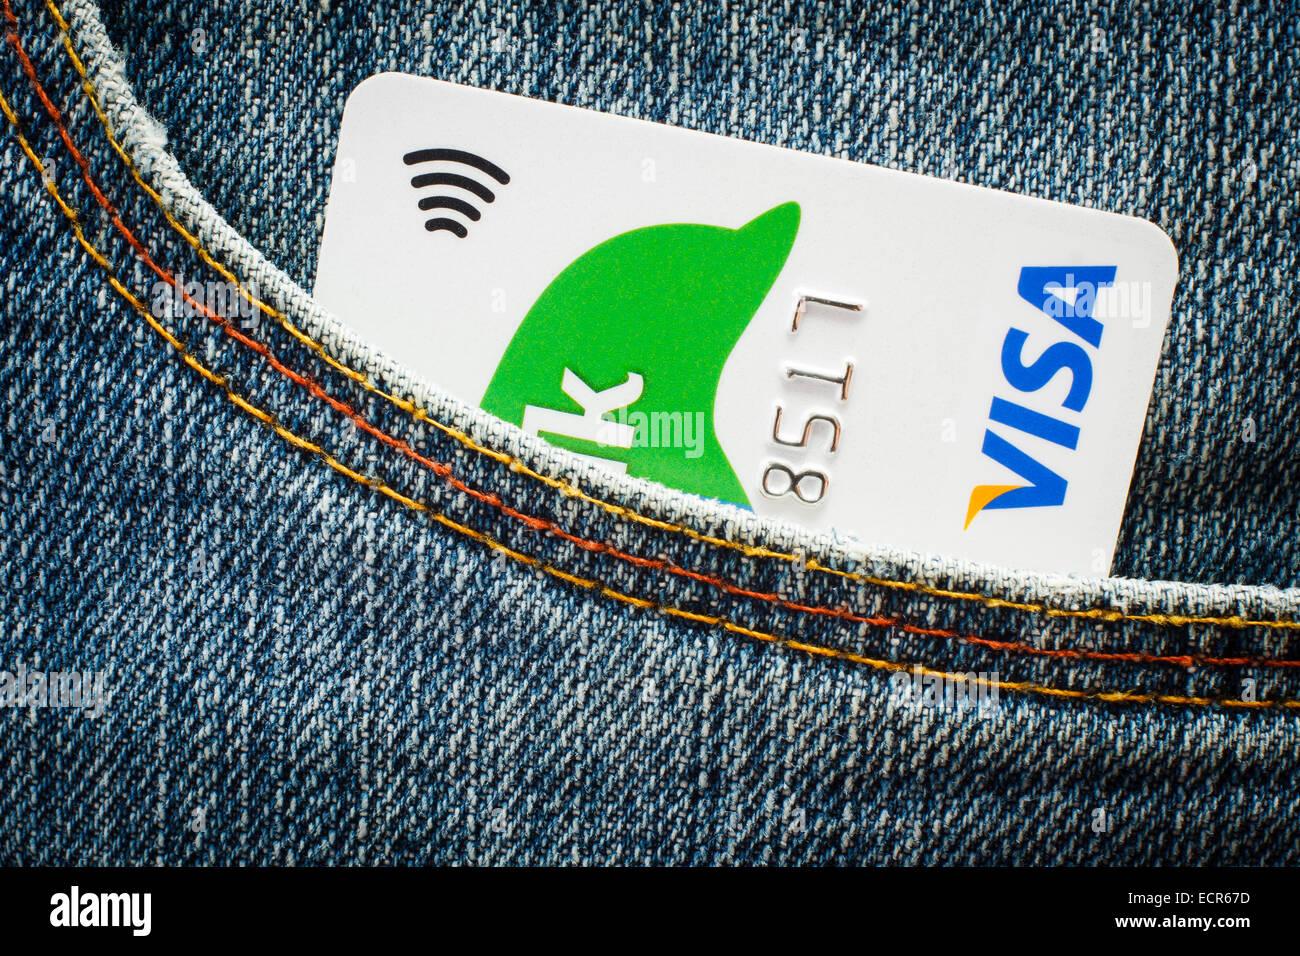 Visa-Kreditkarte mit Paypass-Technologie in Jeans-Tasche. Nur zur redaktionellen Verwendung Stockbild